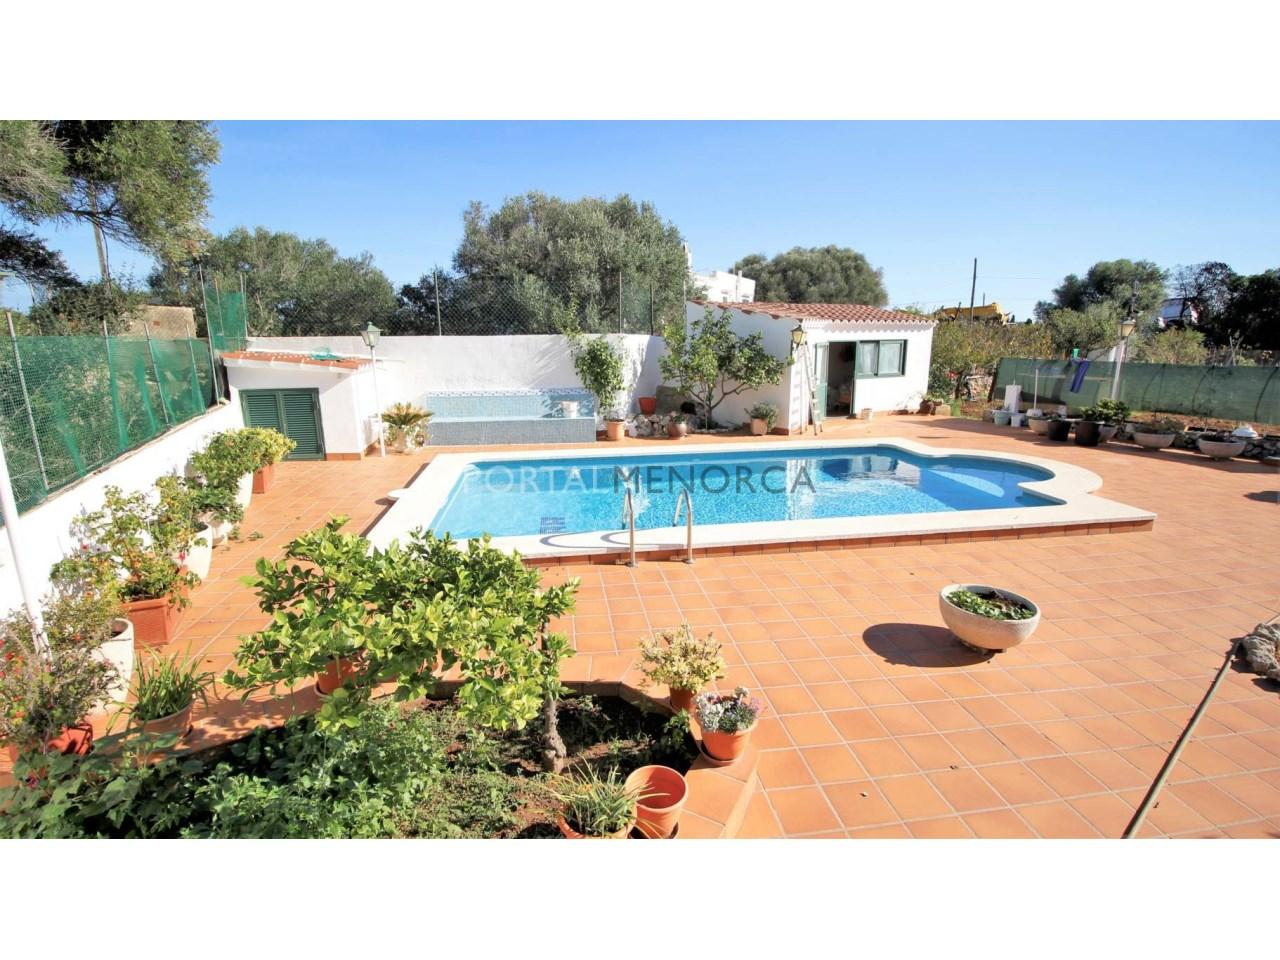 Casa con piscina en venta en Menorca